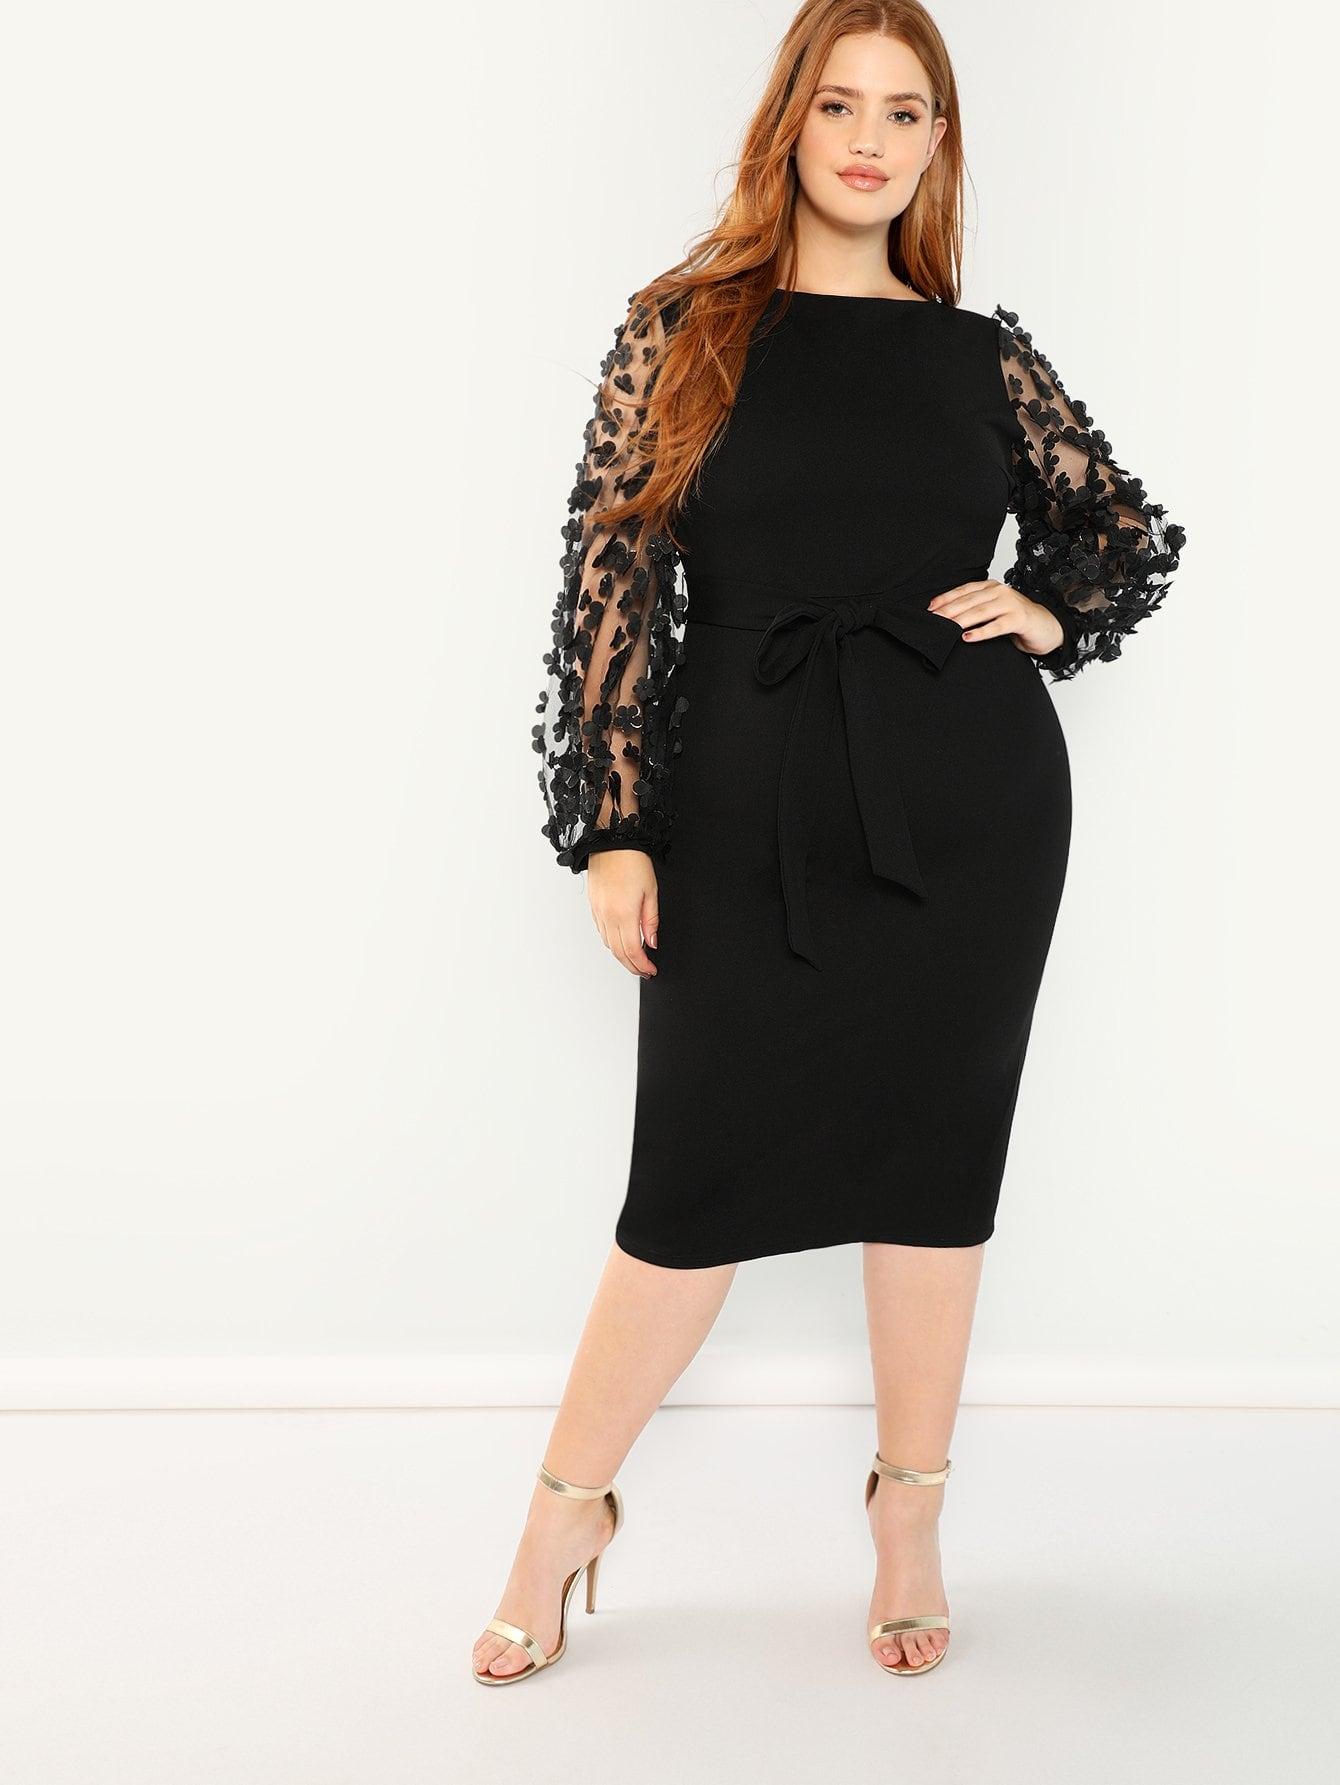 Купить Плюс размеры платье-карандаш с кружевным рукавом, Bree Kish, SheIn